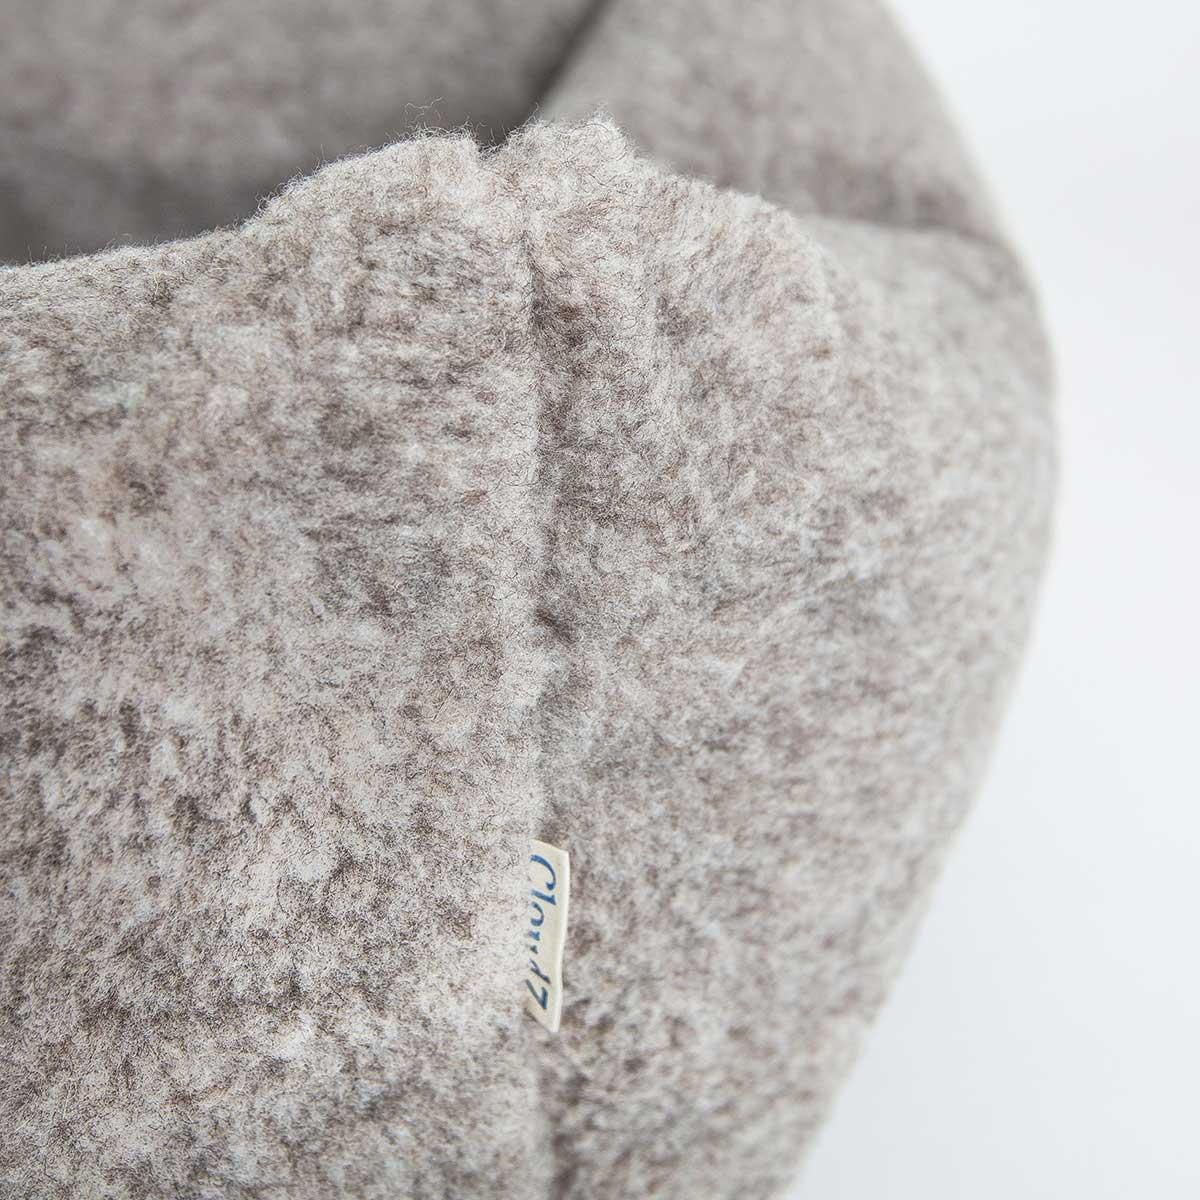 hundekurv-cloud7-sleepy-deluxe-teddy4